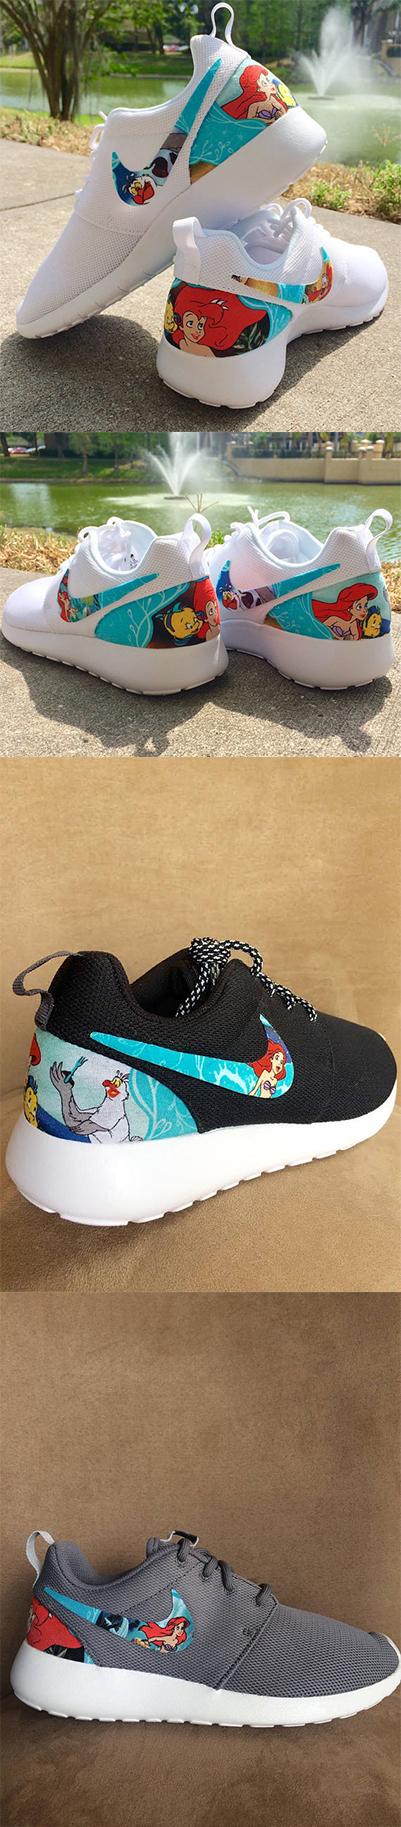 e4779c0e96b3c LIMITED The Little Mermaid Custom Nike Roshe